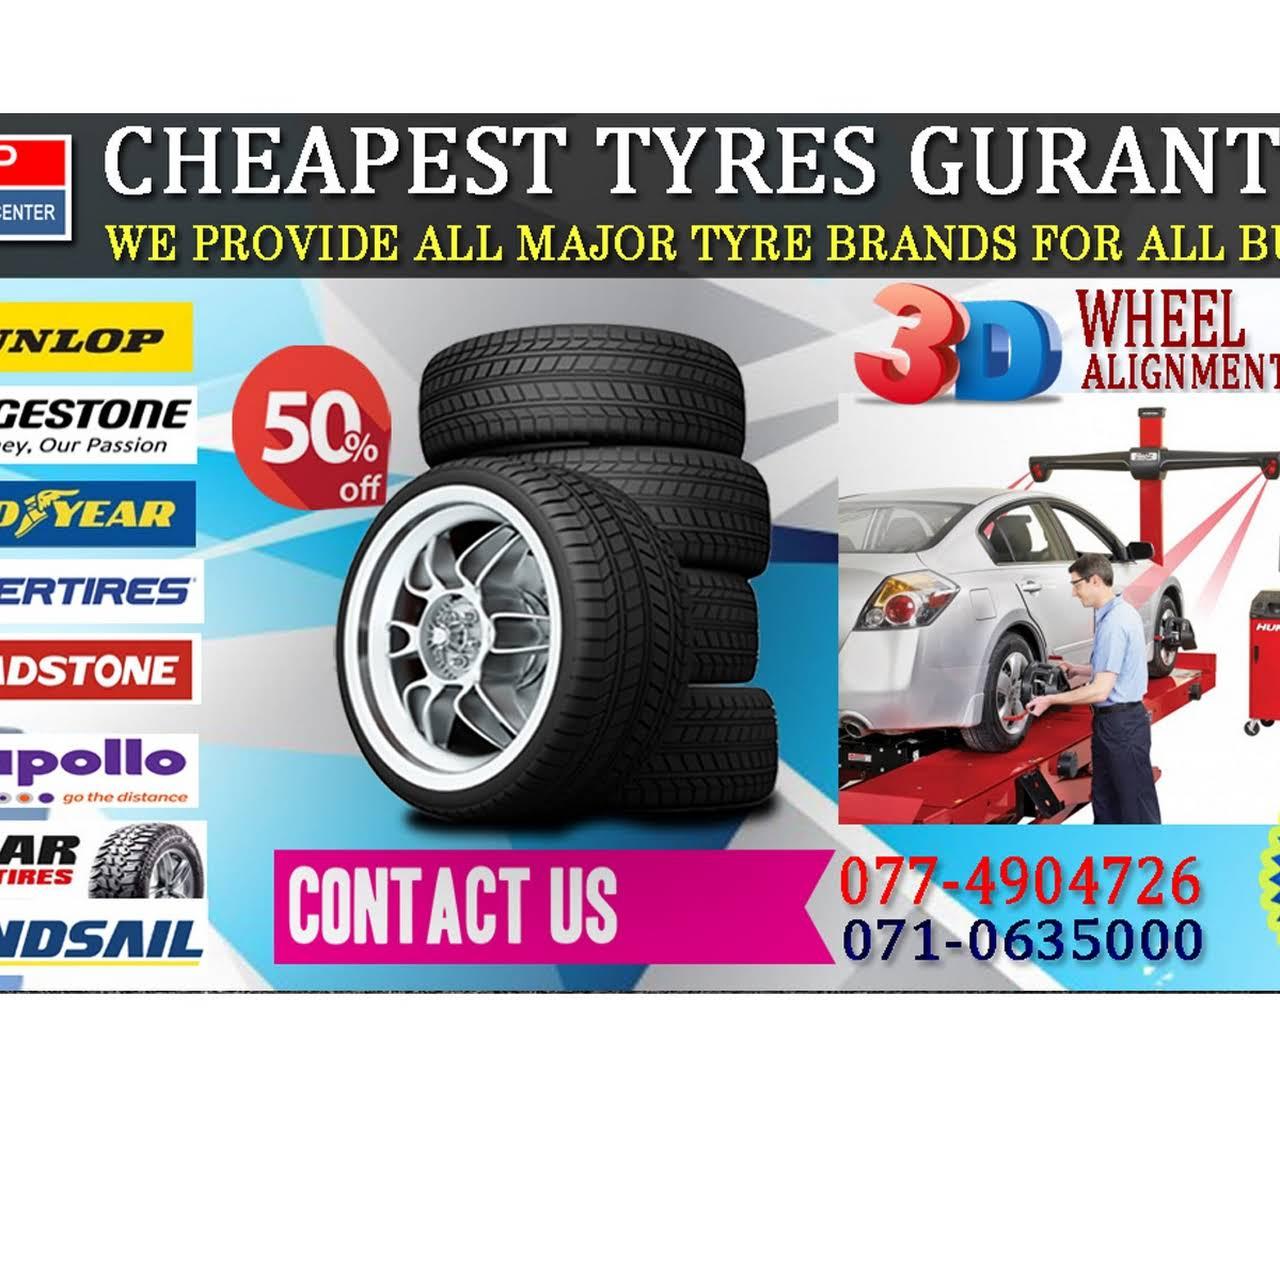 USP Tyres & Auto Center (Pvt) Ltd - Tire Shop in Boralesgamuwa